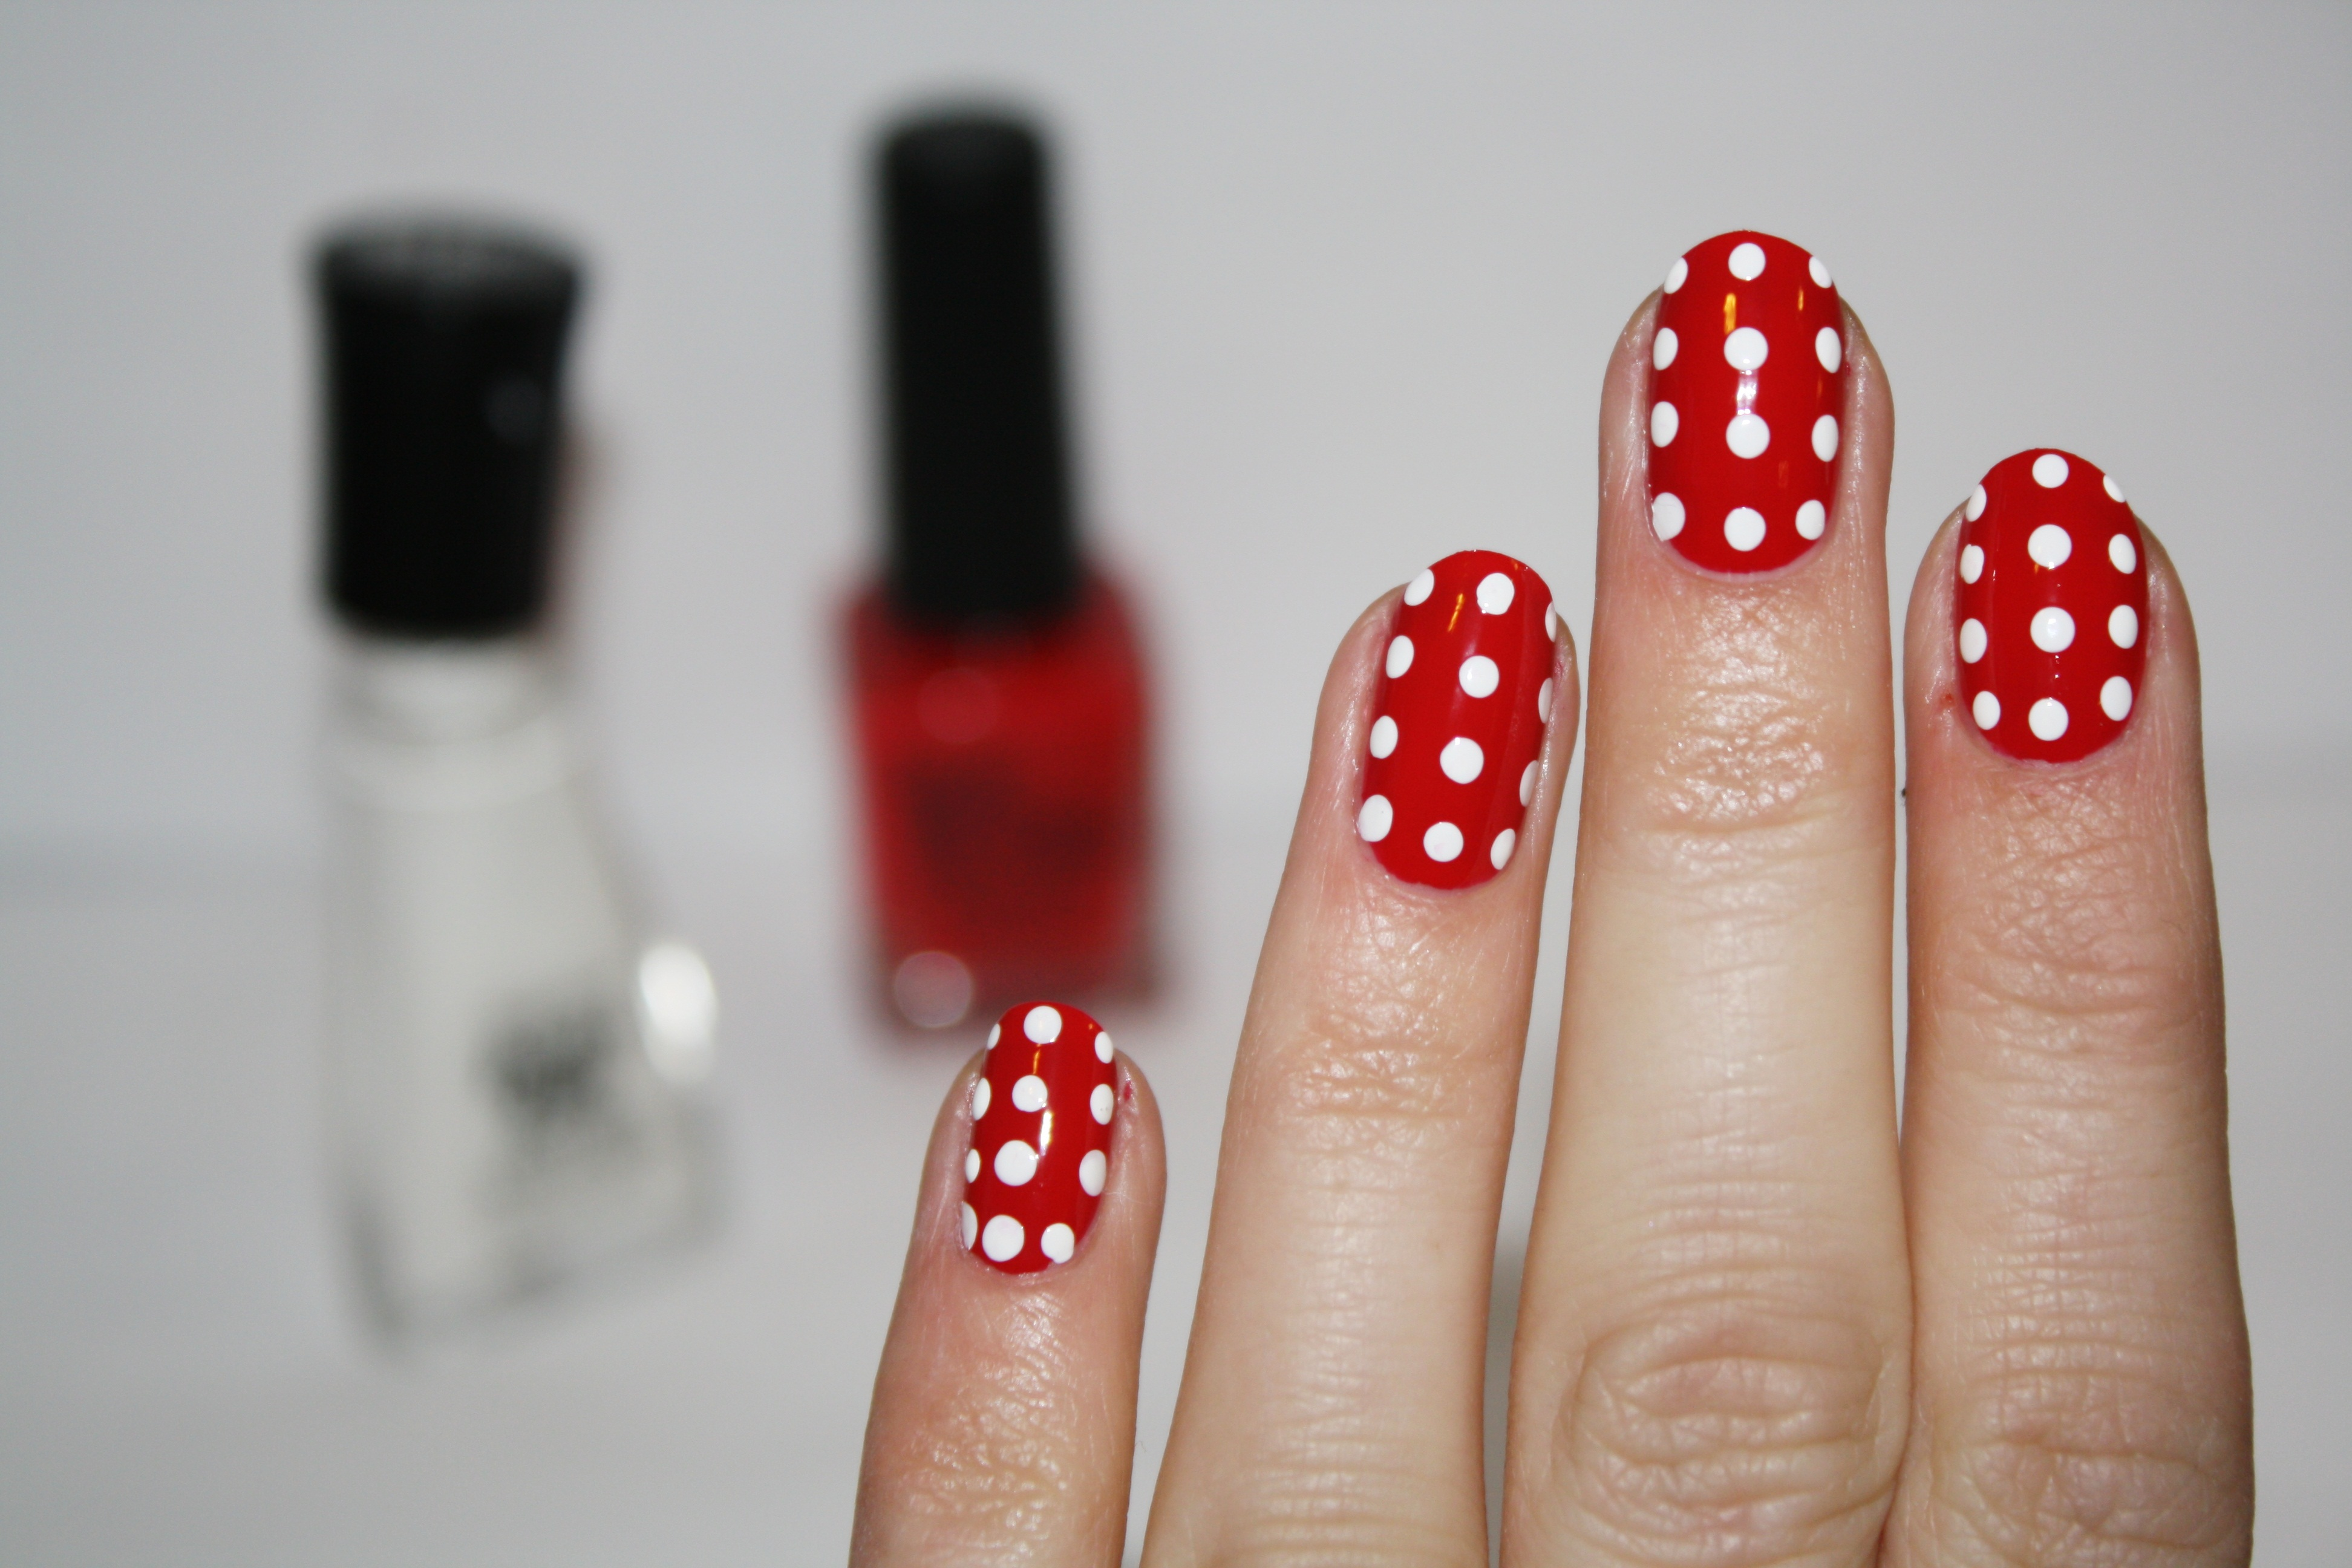 Lines And Polka Dot Nail Arts Designs Tutorials 13 Stylesgap Com